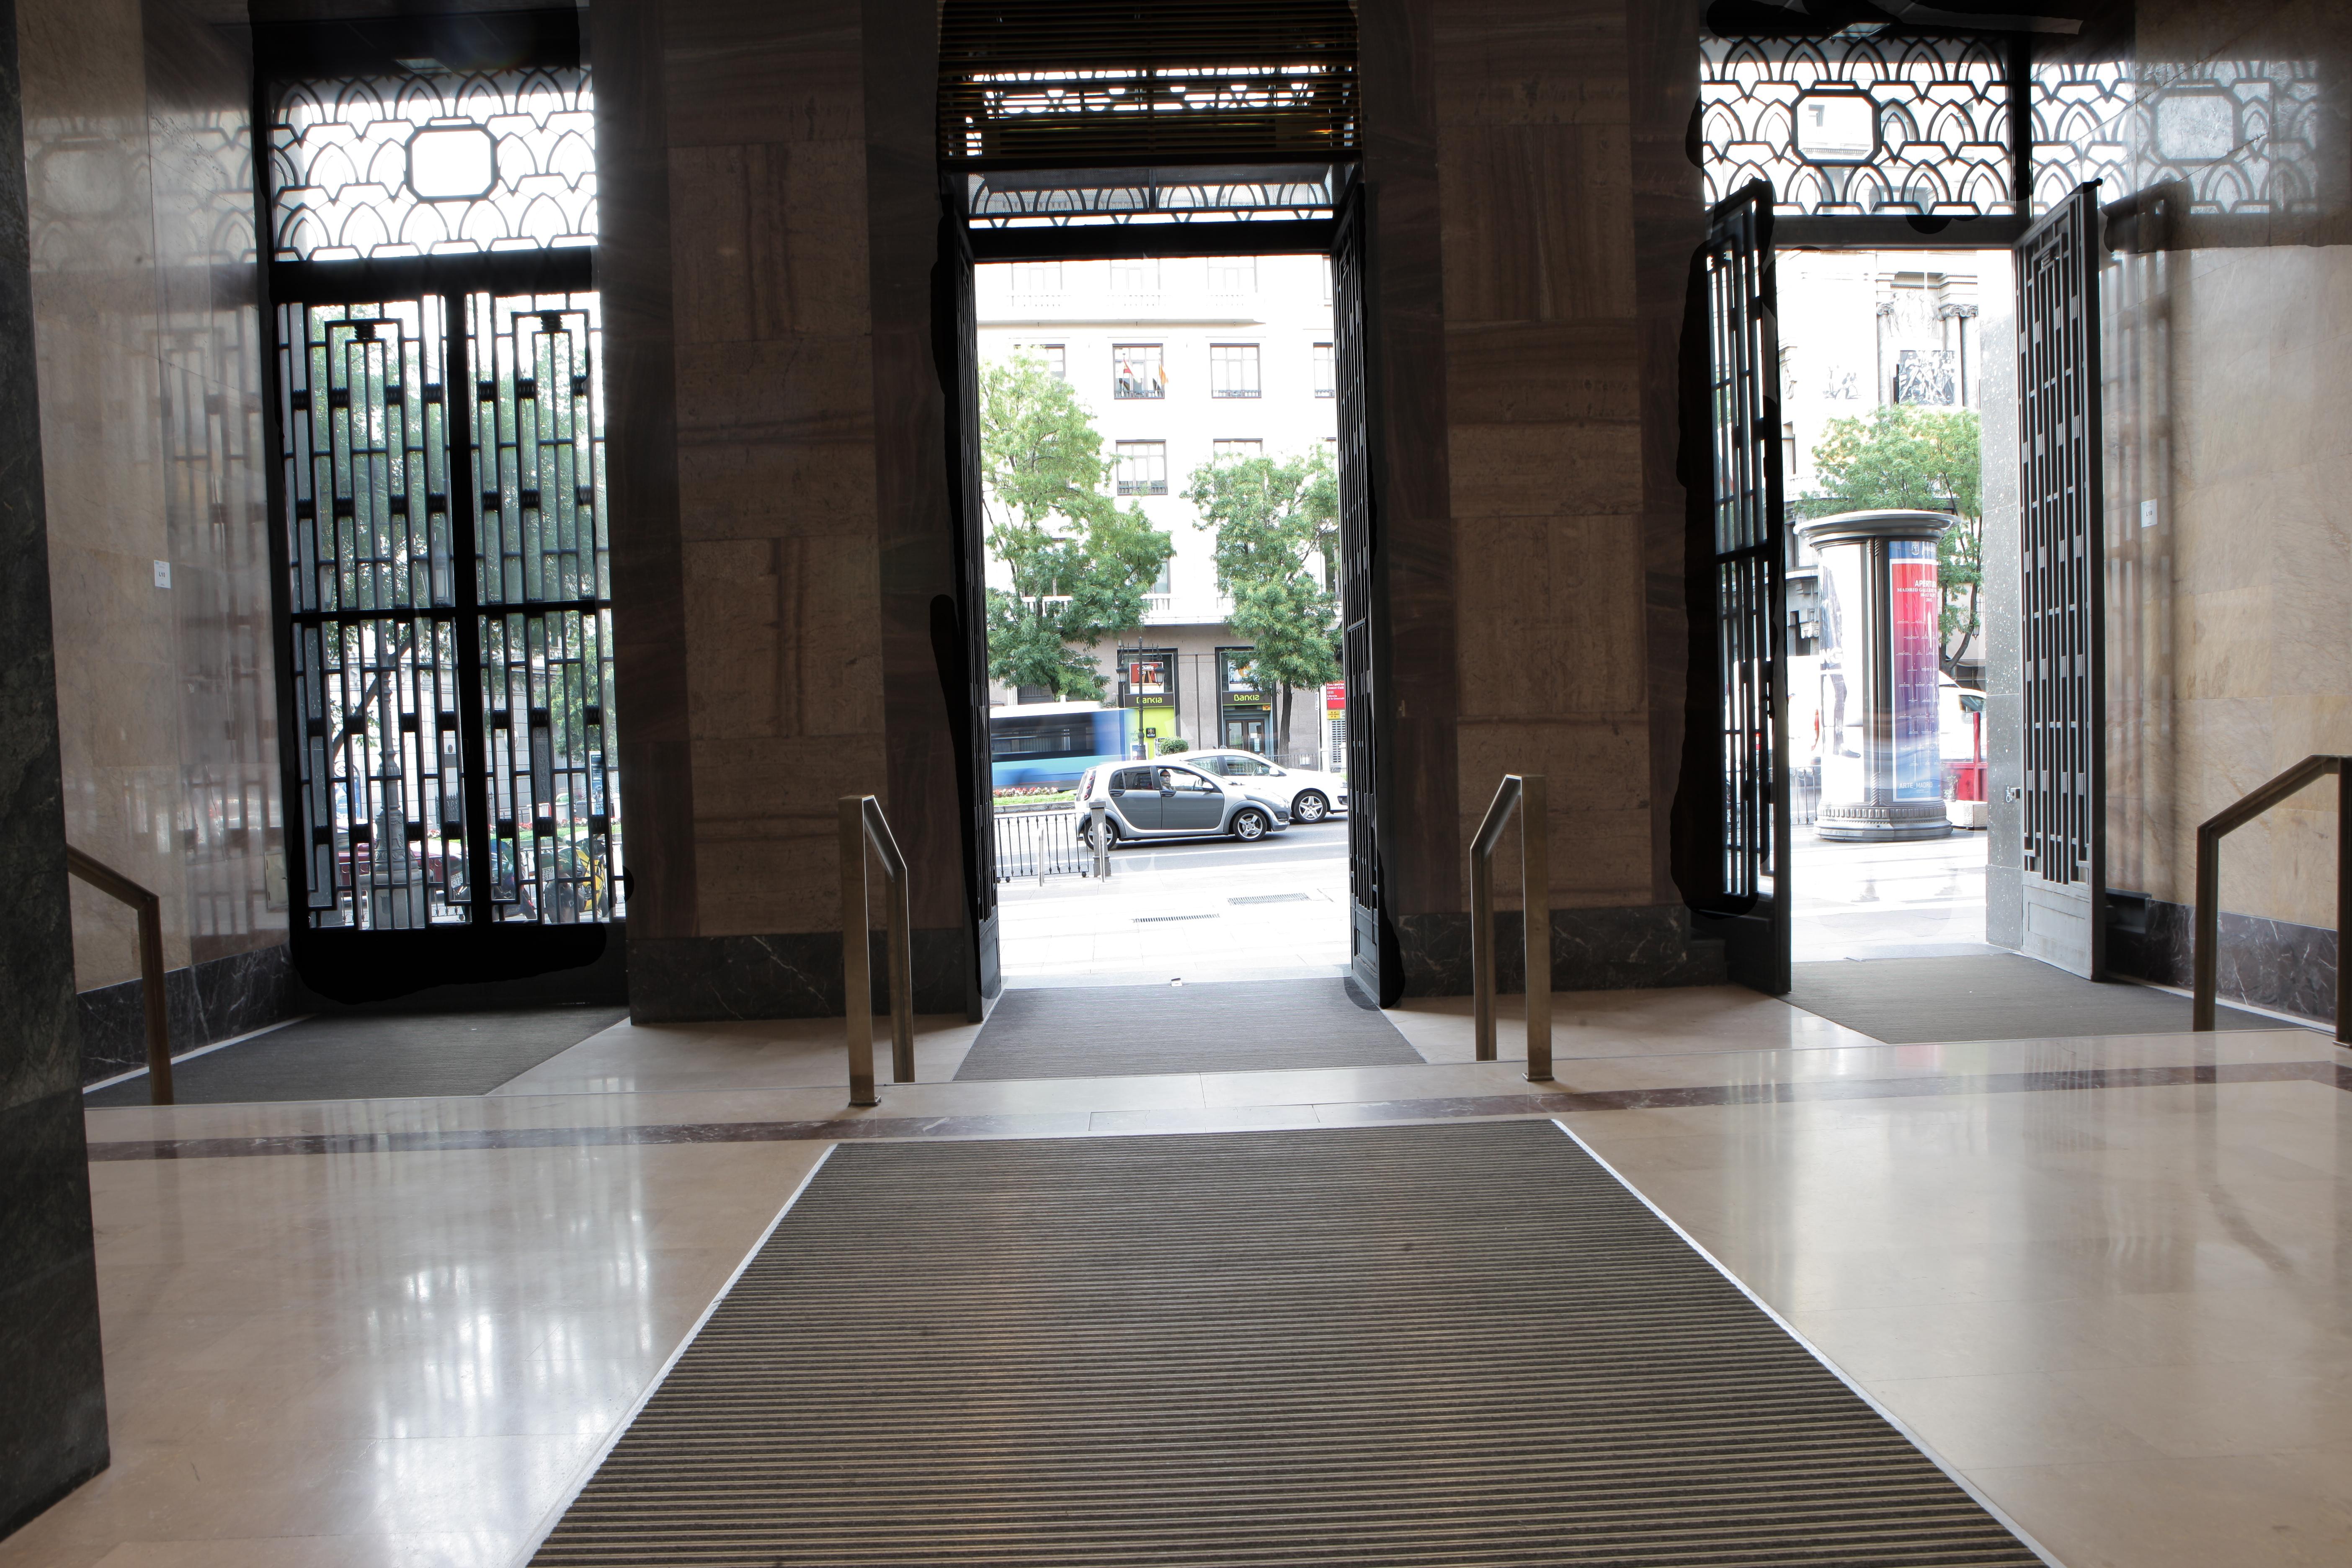 El edificio de econom a y hacienda vuelve a ser patrimonio for Ayuntamiento de madrid oficina de atencion integral al contribuyente